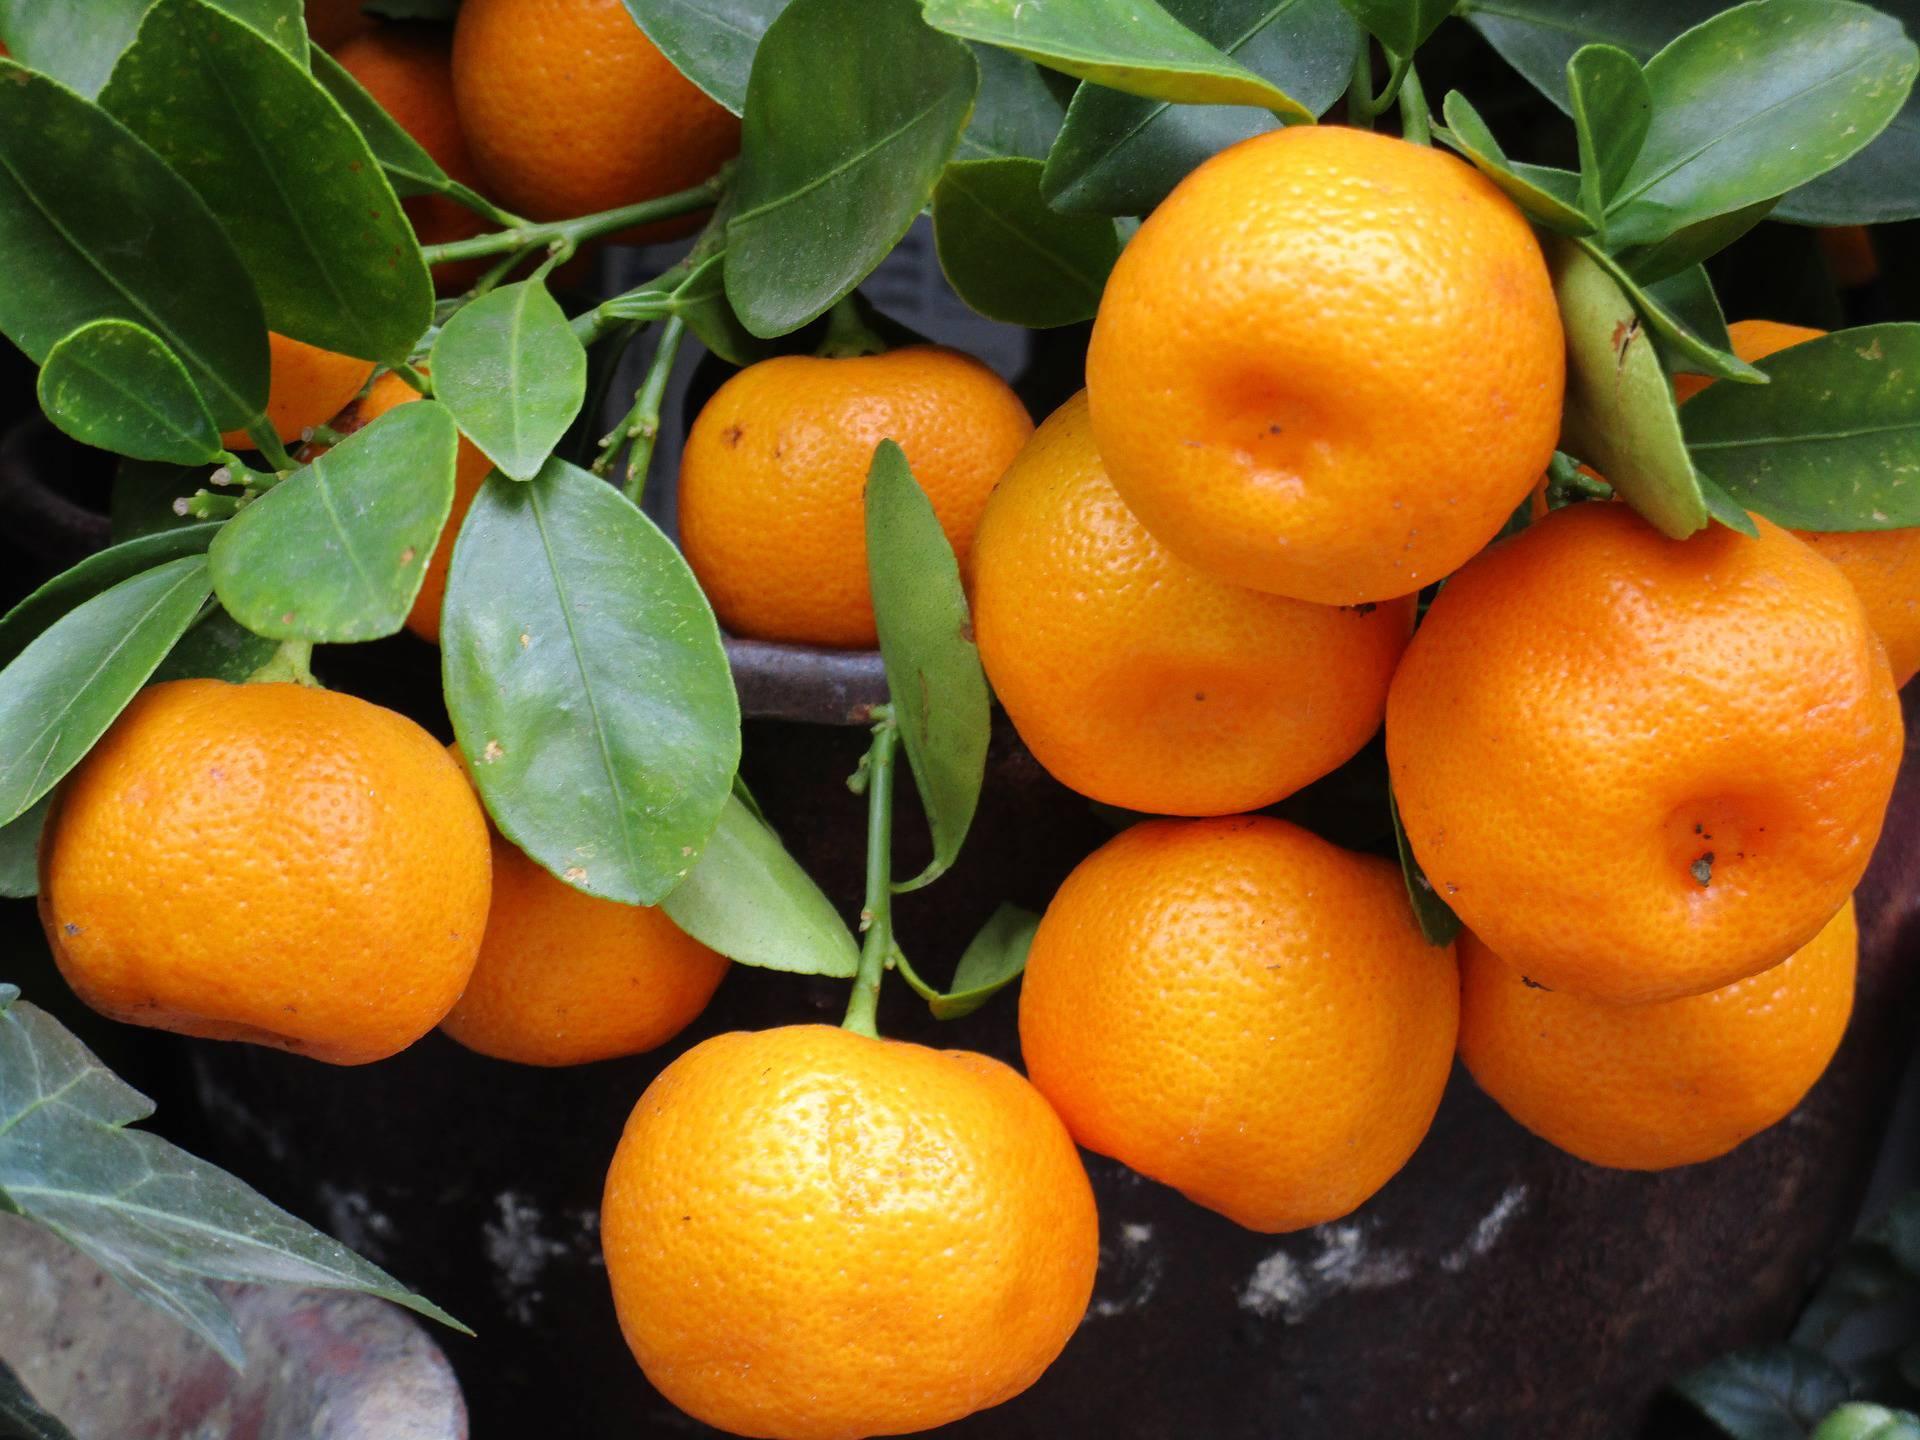 Sedam mandarina dnevno radi čuda: Dokazano čine ljepšima